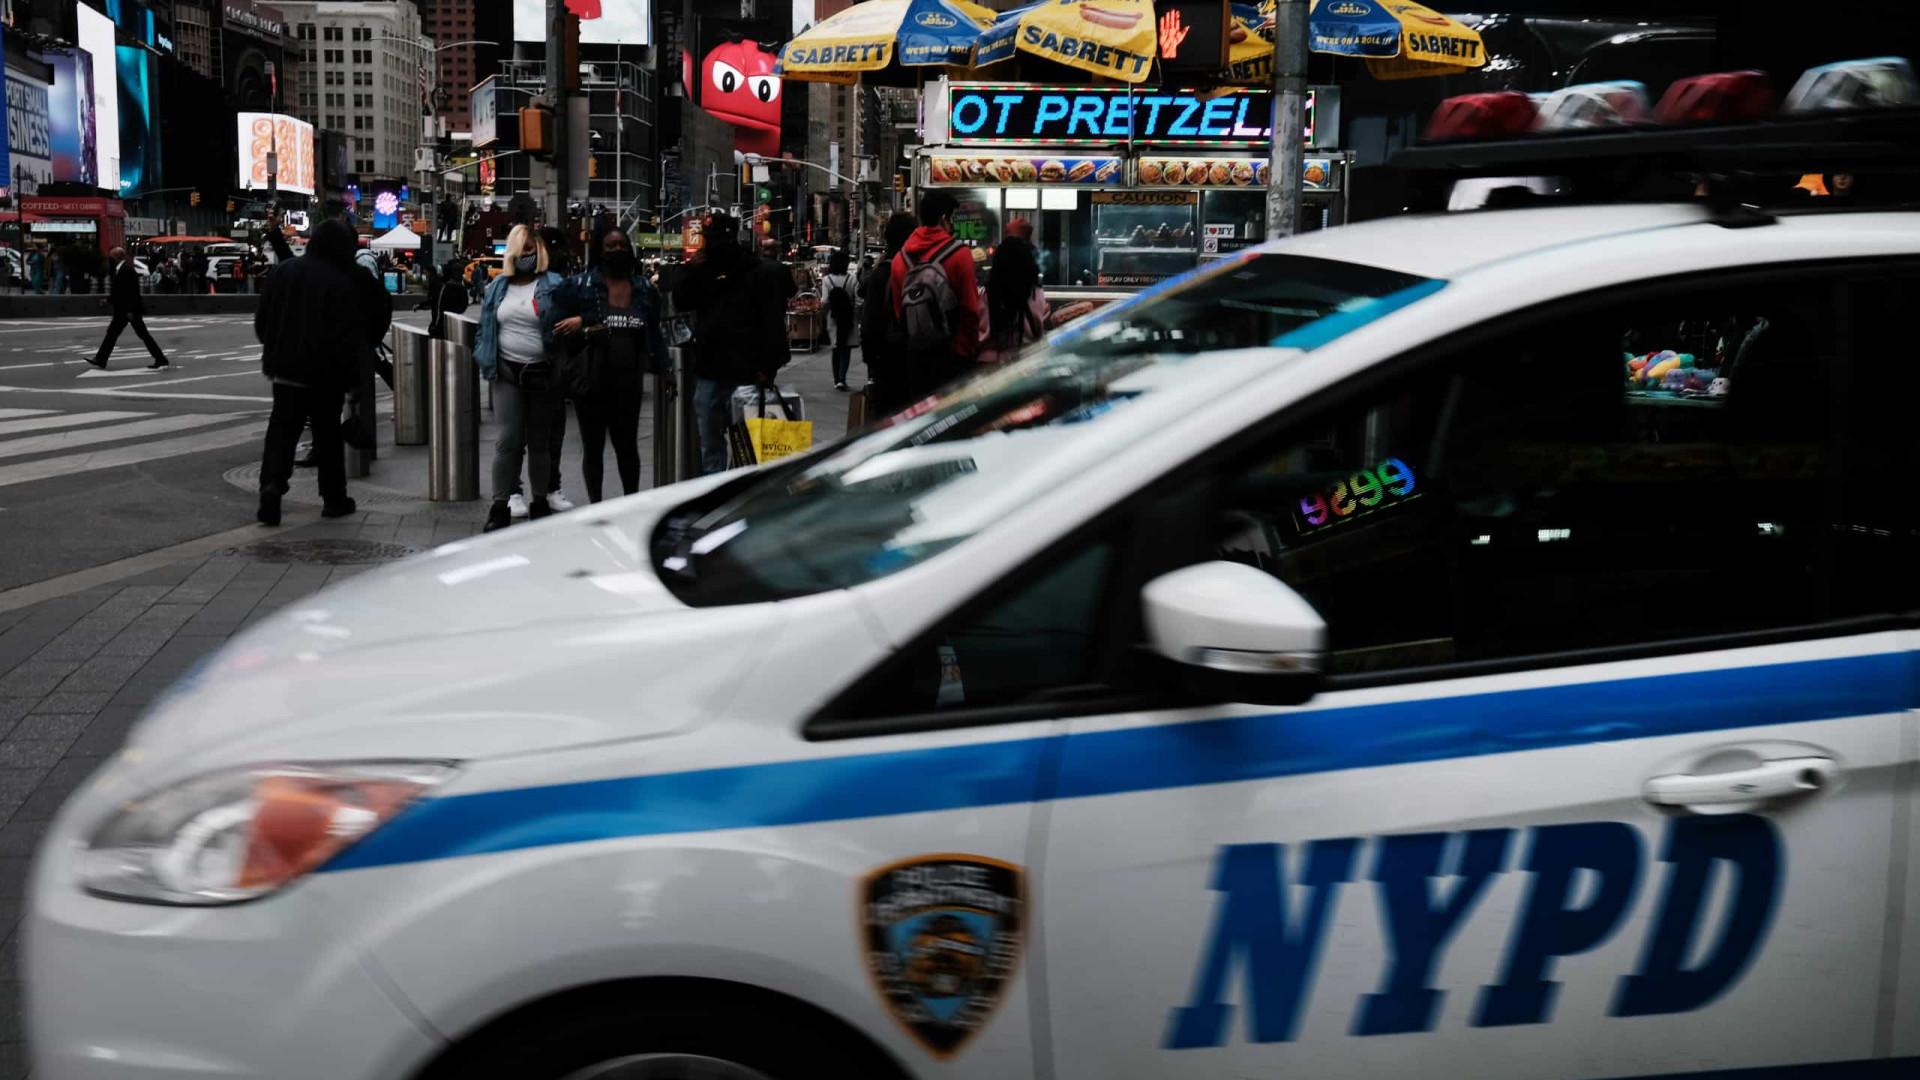 Suspeito de tiroteio em Times Square detido na Flórida